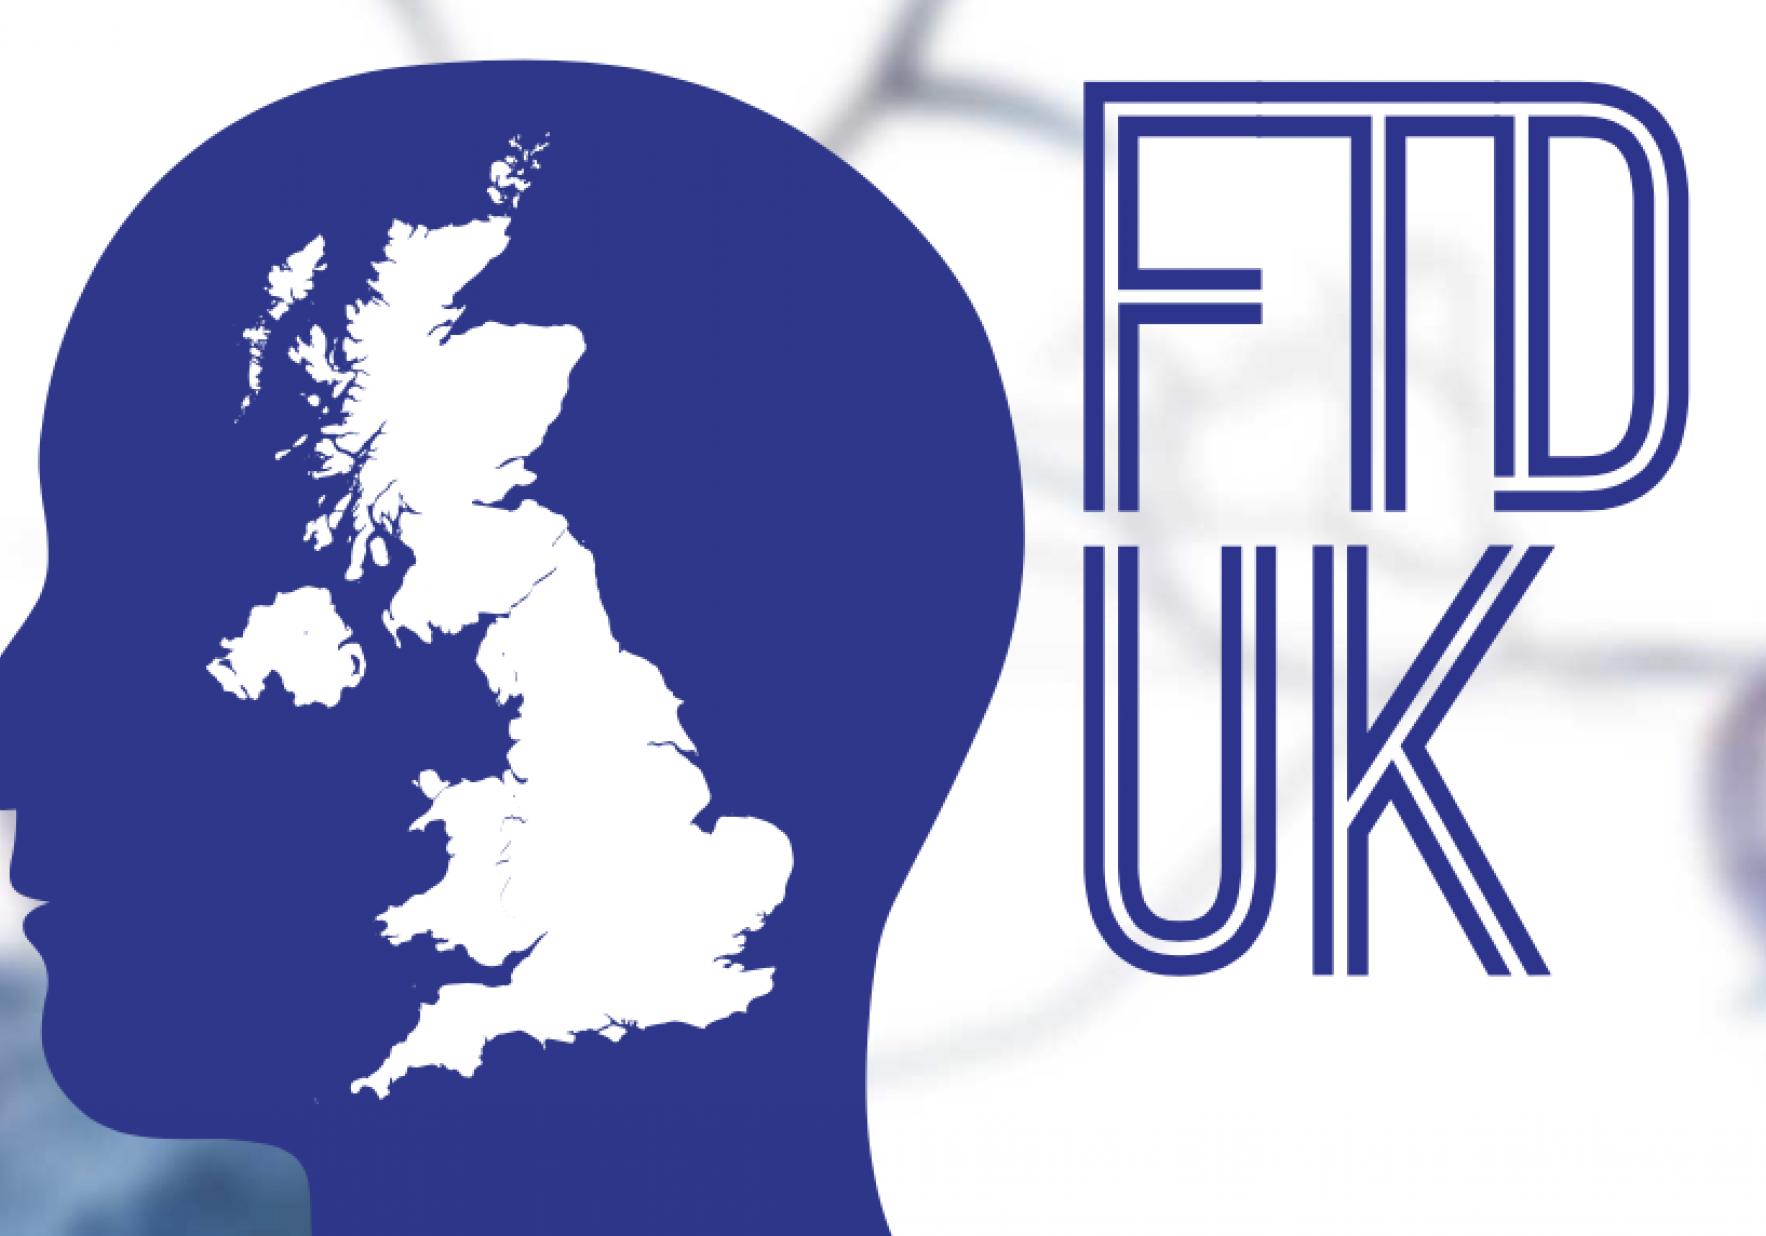 UK DRI: UK Dementia Research… | UK DRI: UK Dementia Research Institute